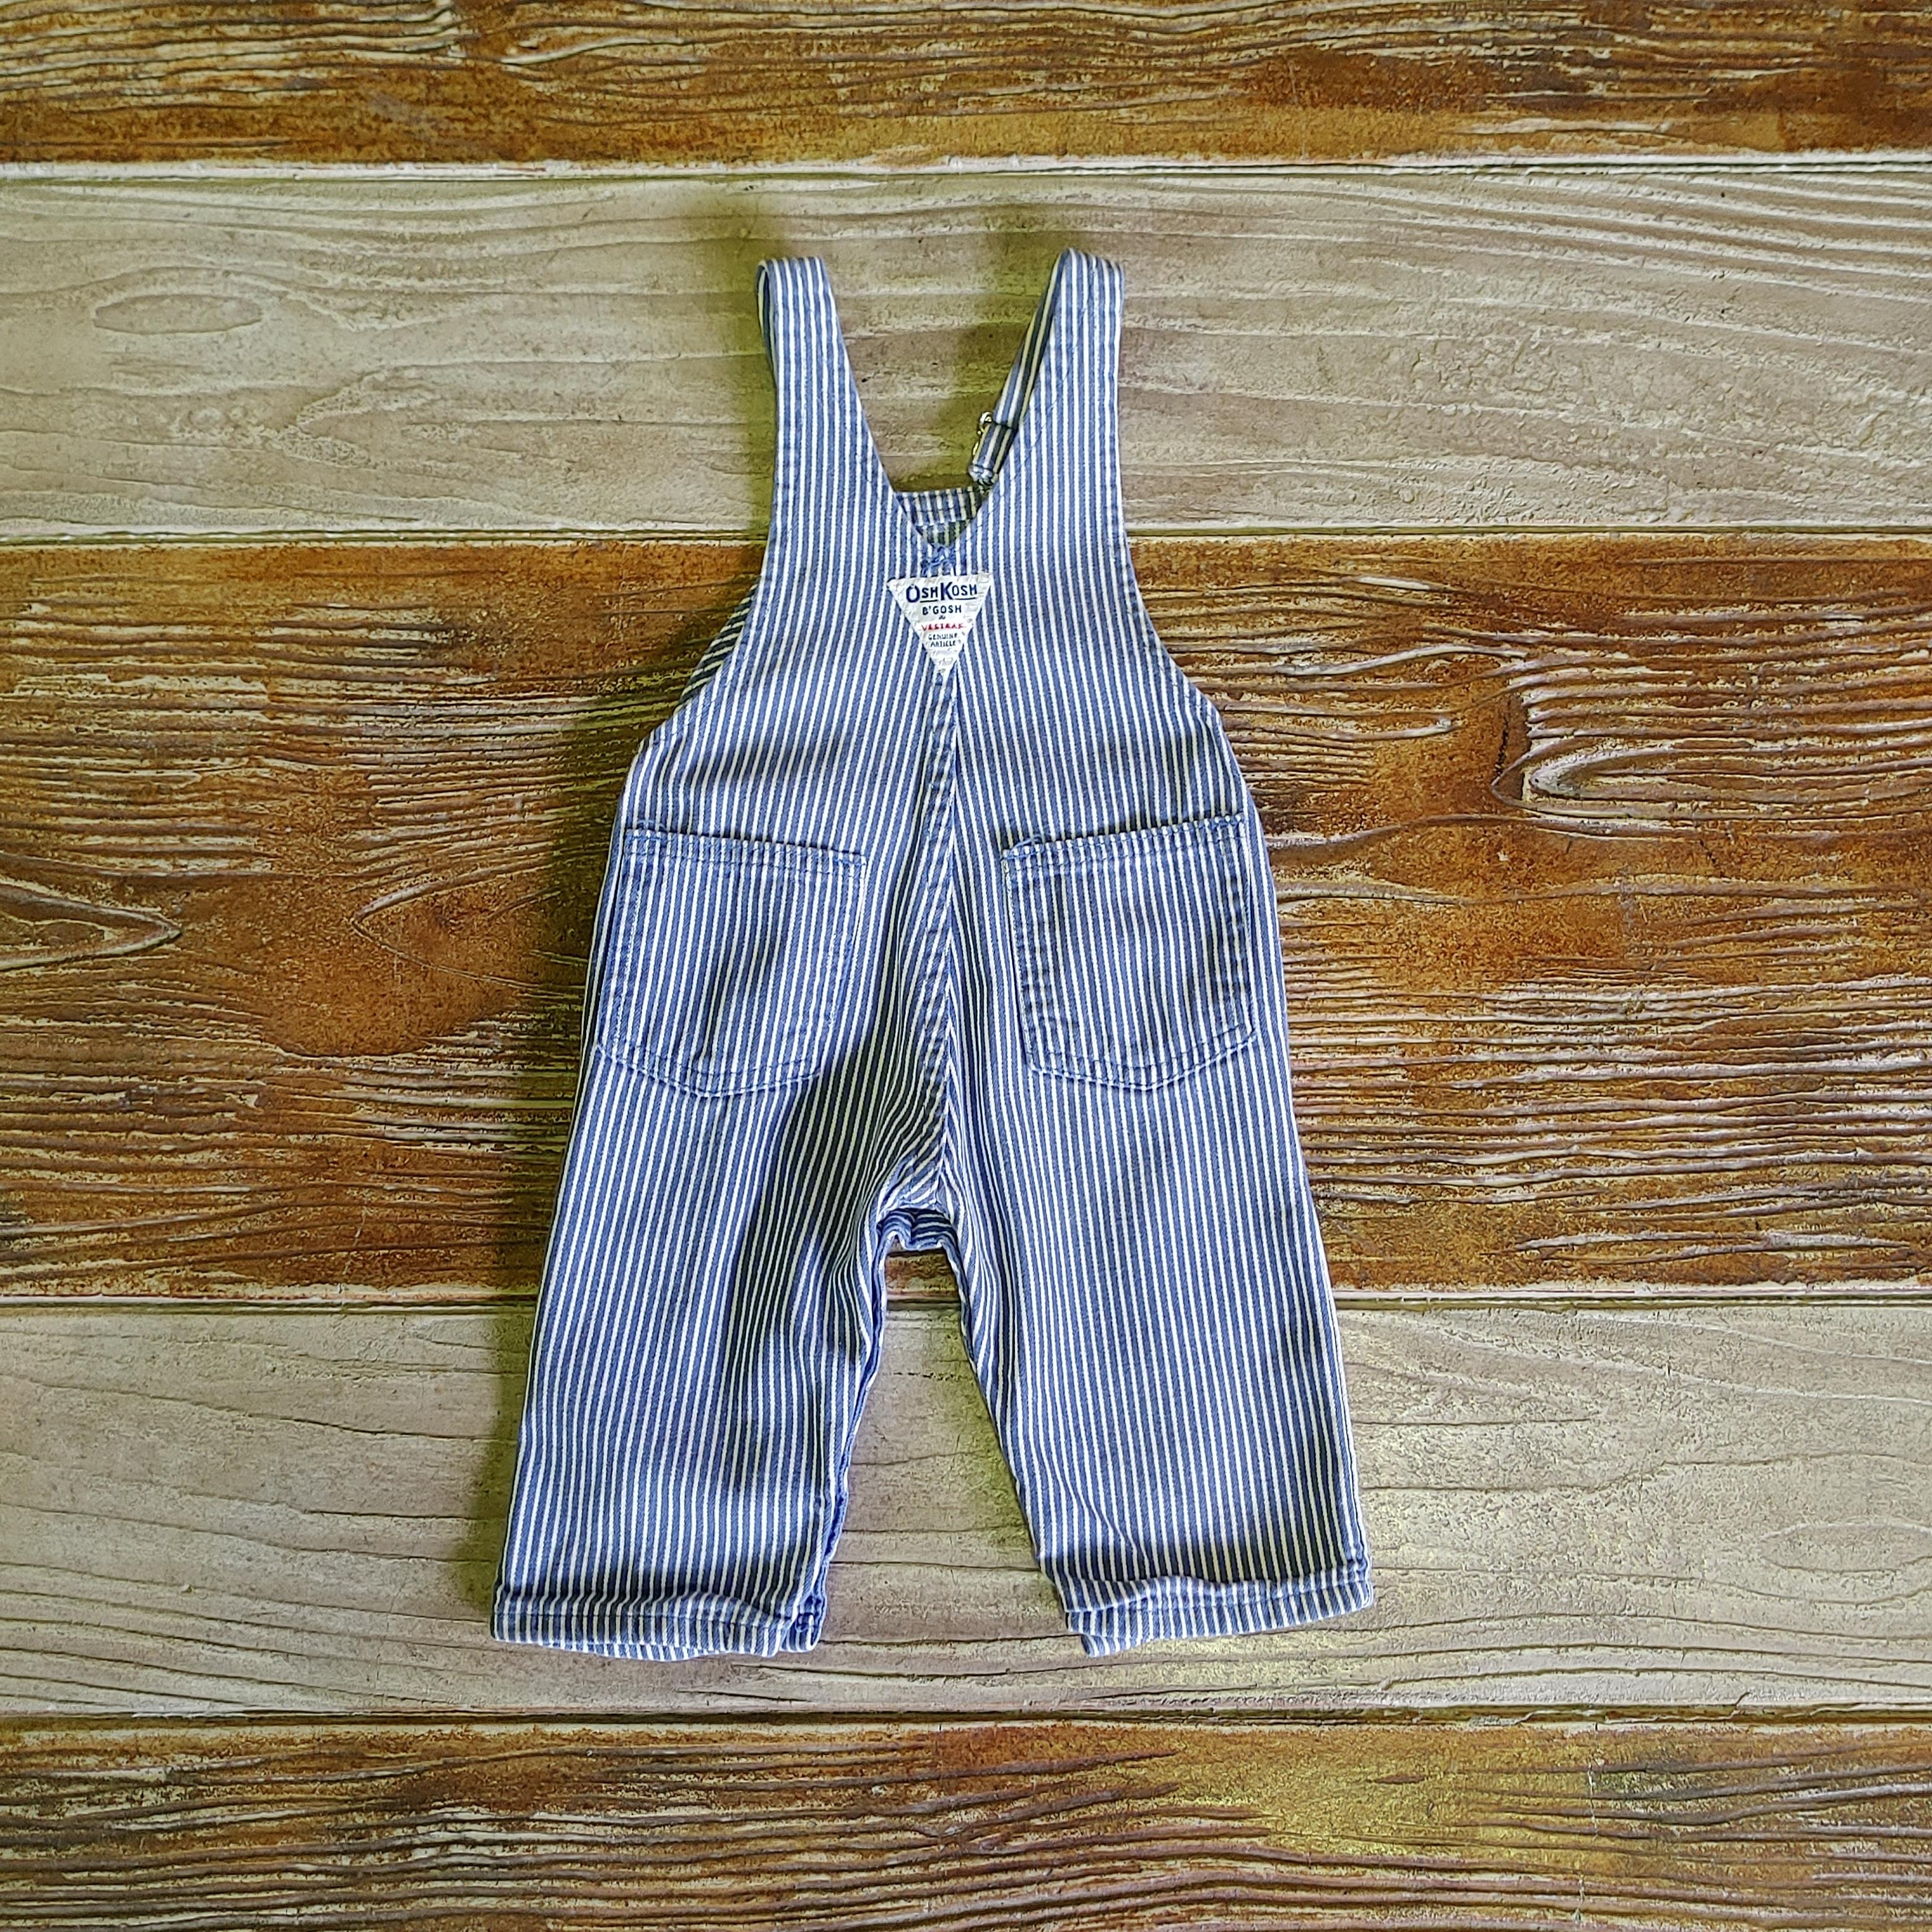 【BABY USED】Oshkosh Overall*3/6M